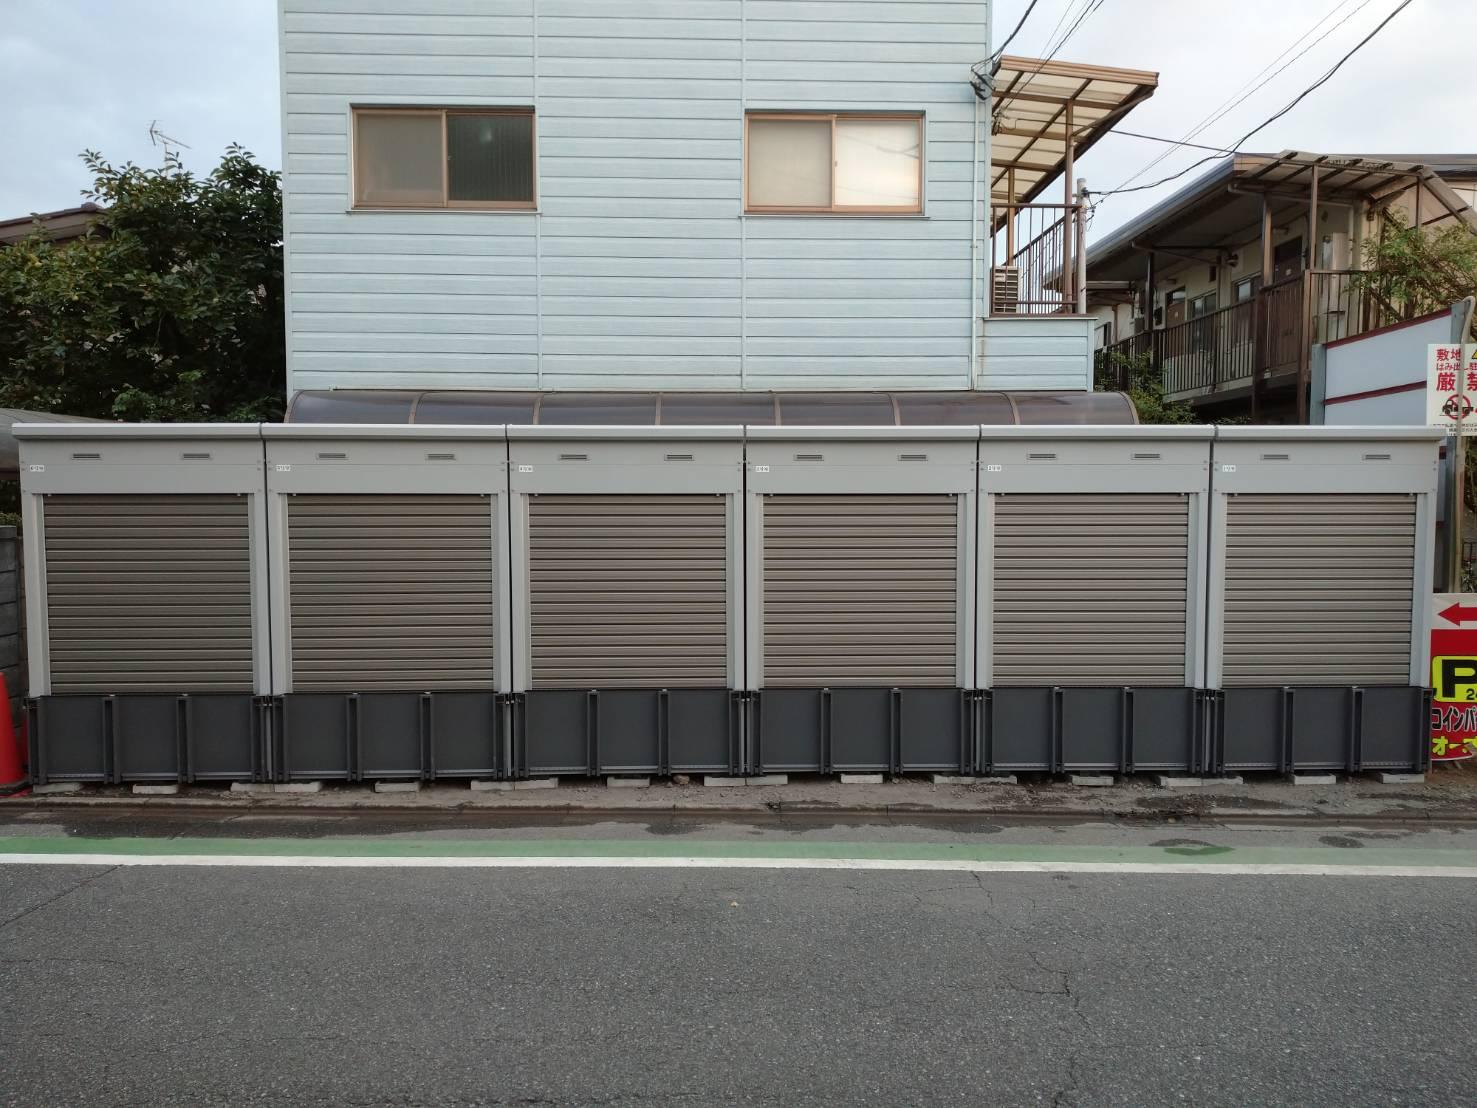 バイクストレージ南区太田窪P2の物件外観